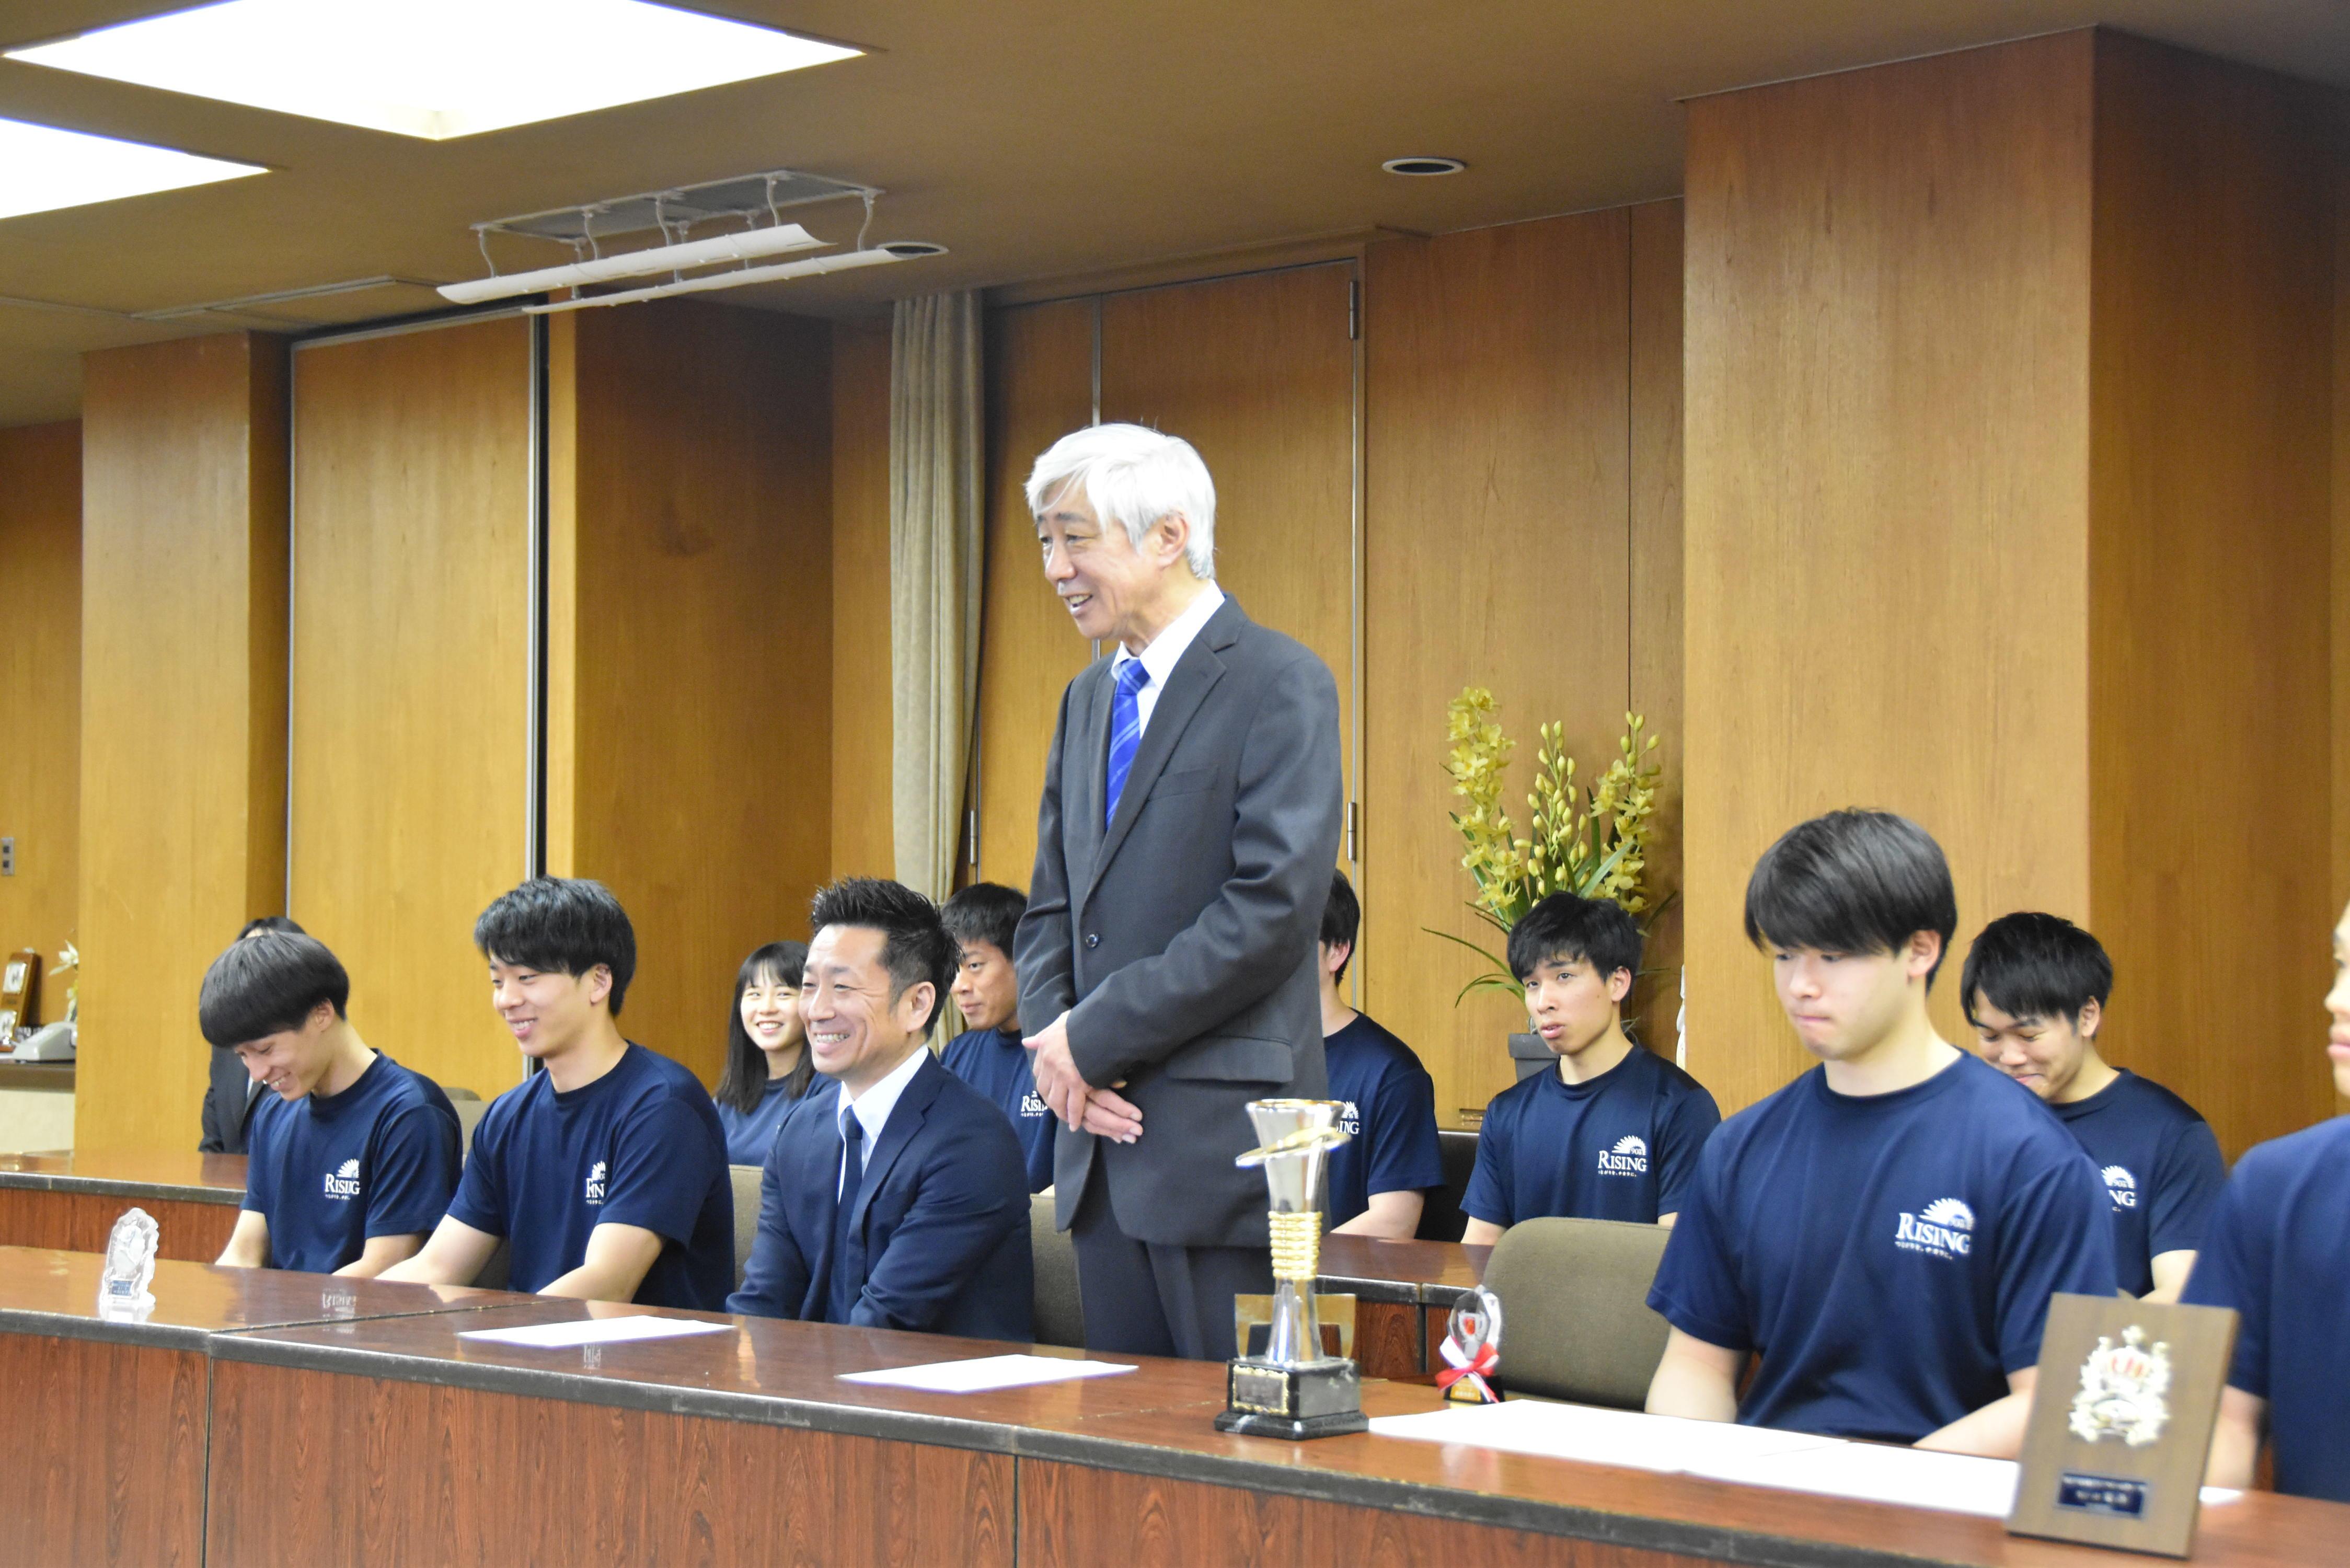 部長の山田教授